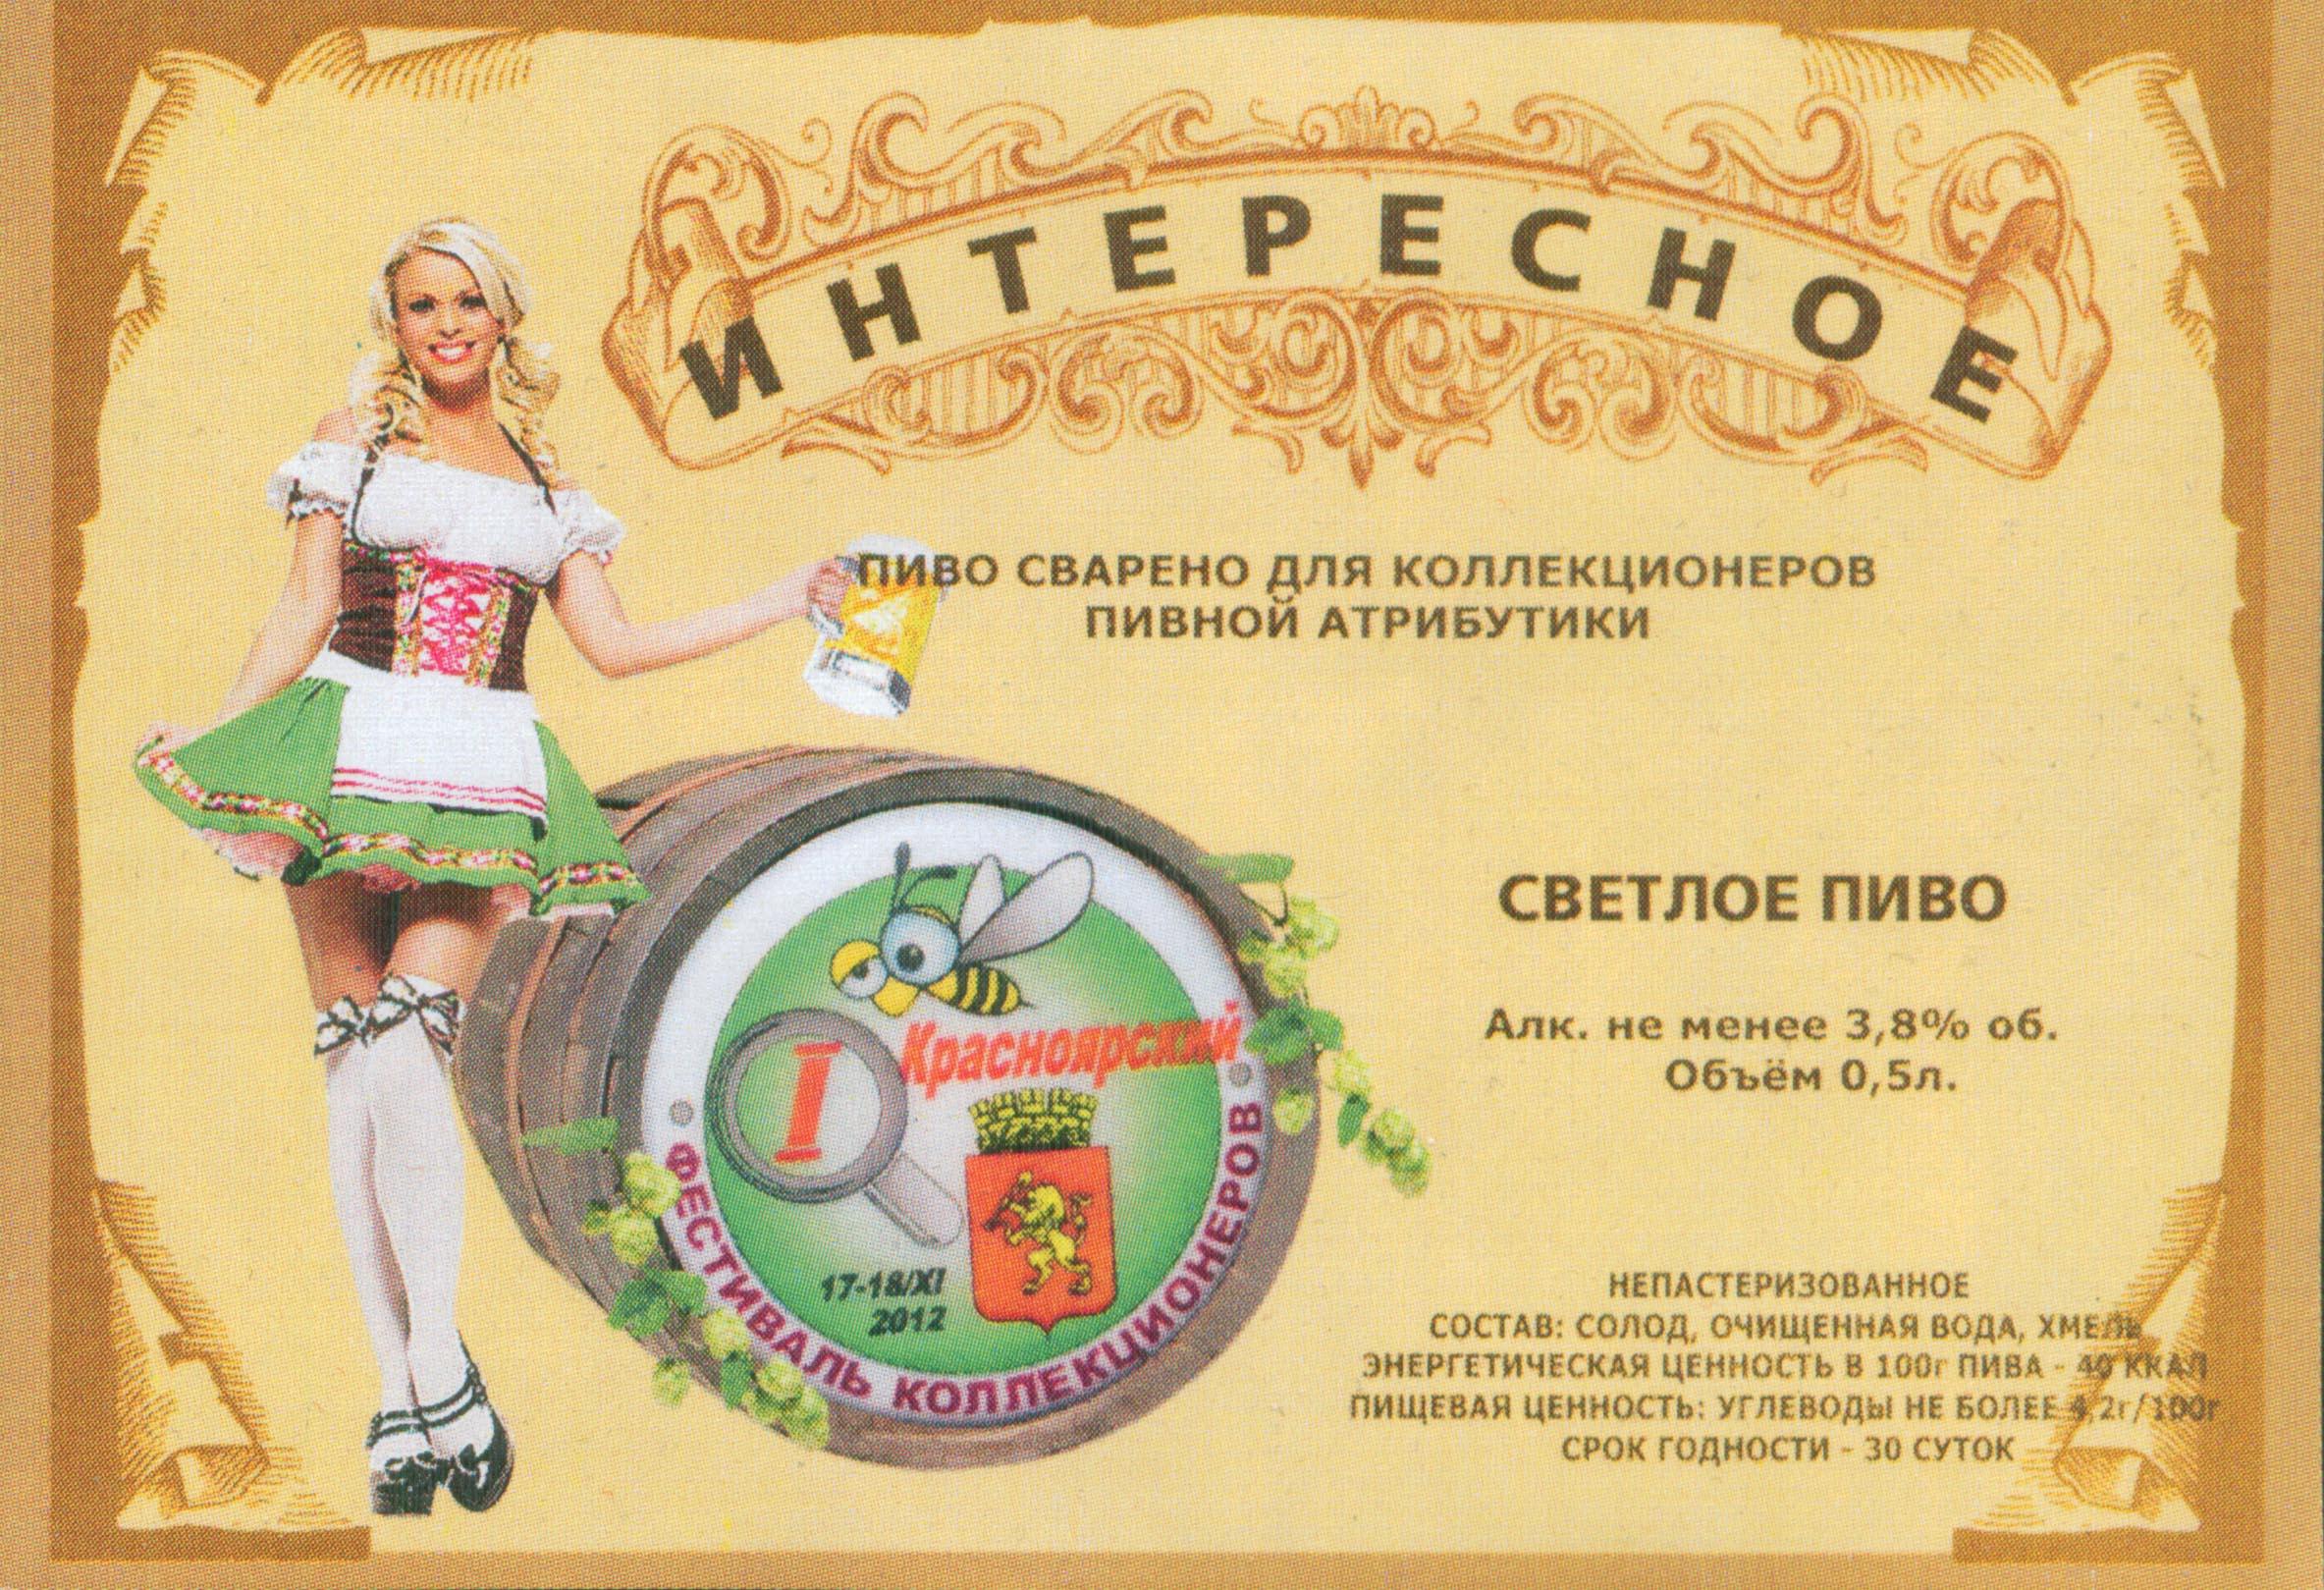 Пиво для коллекционеров